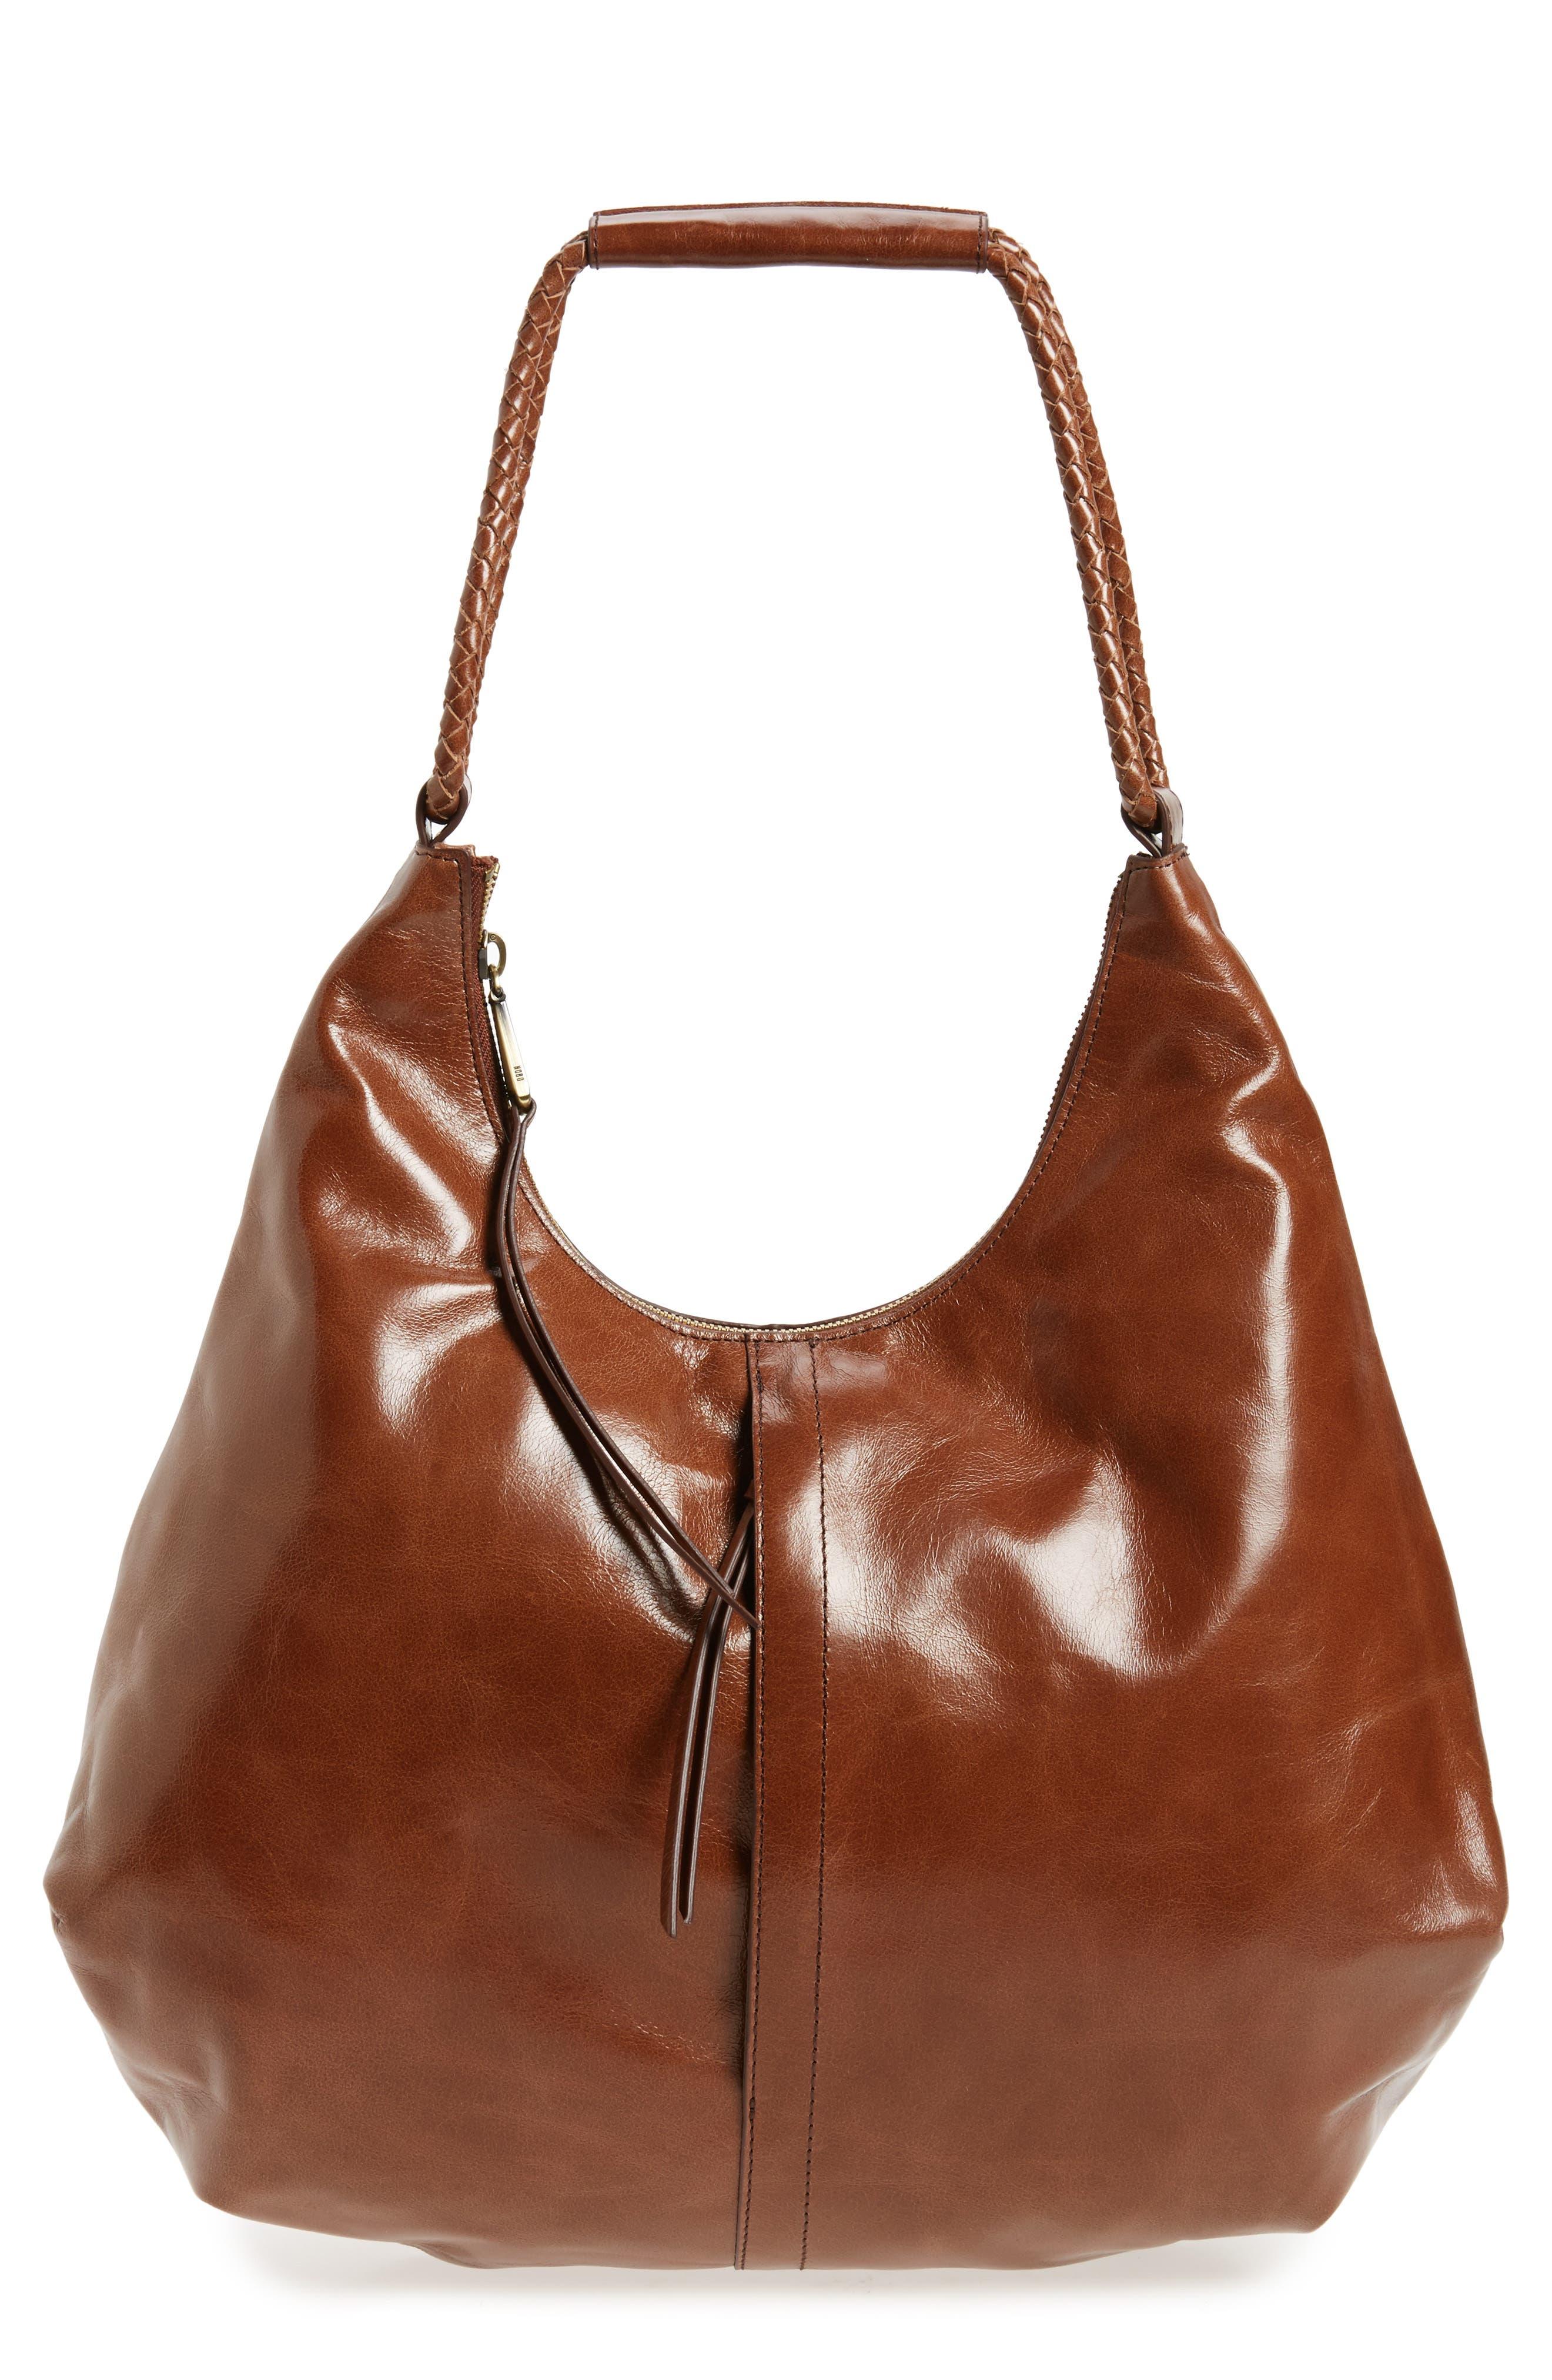 Hobo Harken Leather Hobo